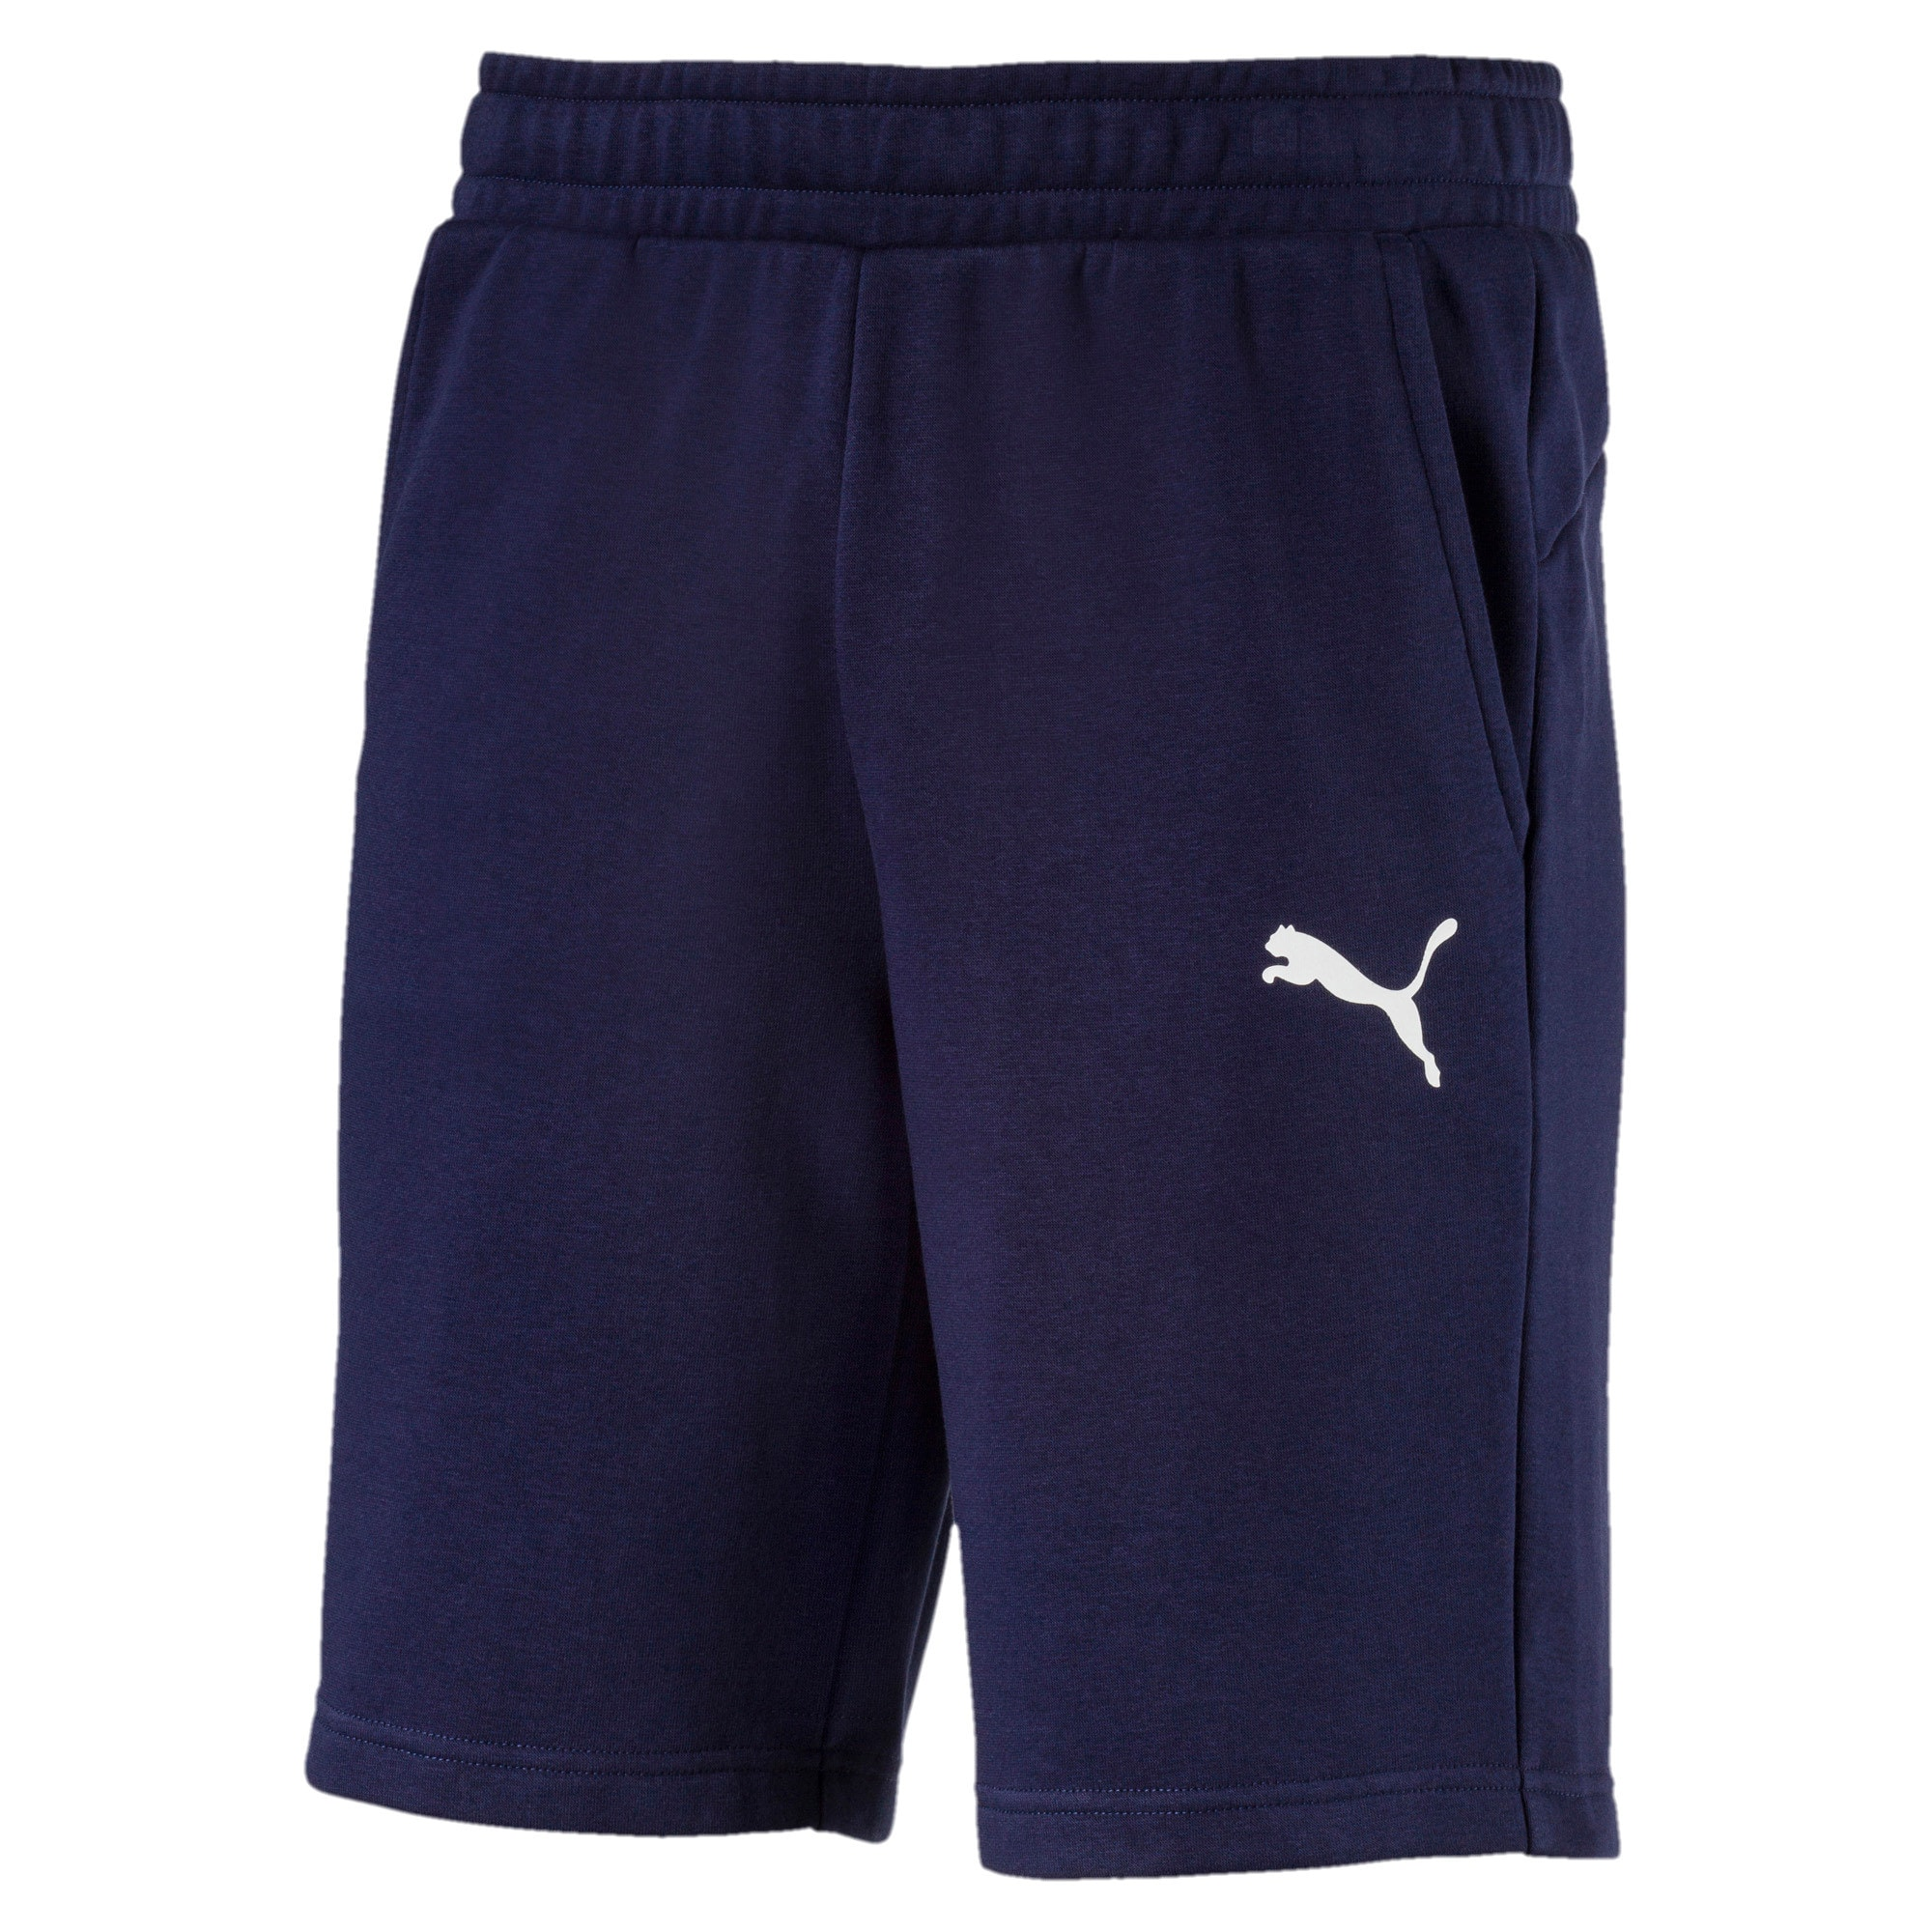 Miniatura 1 de Shorts deportivos Essentials para hombre, Peacoat-Cat, mediano